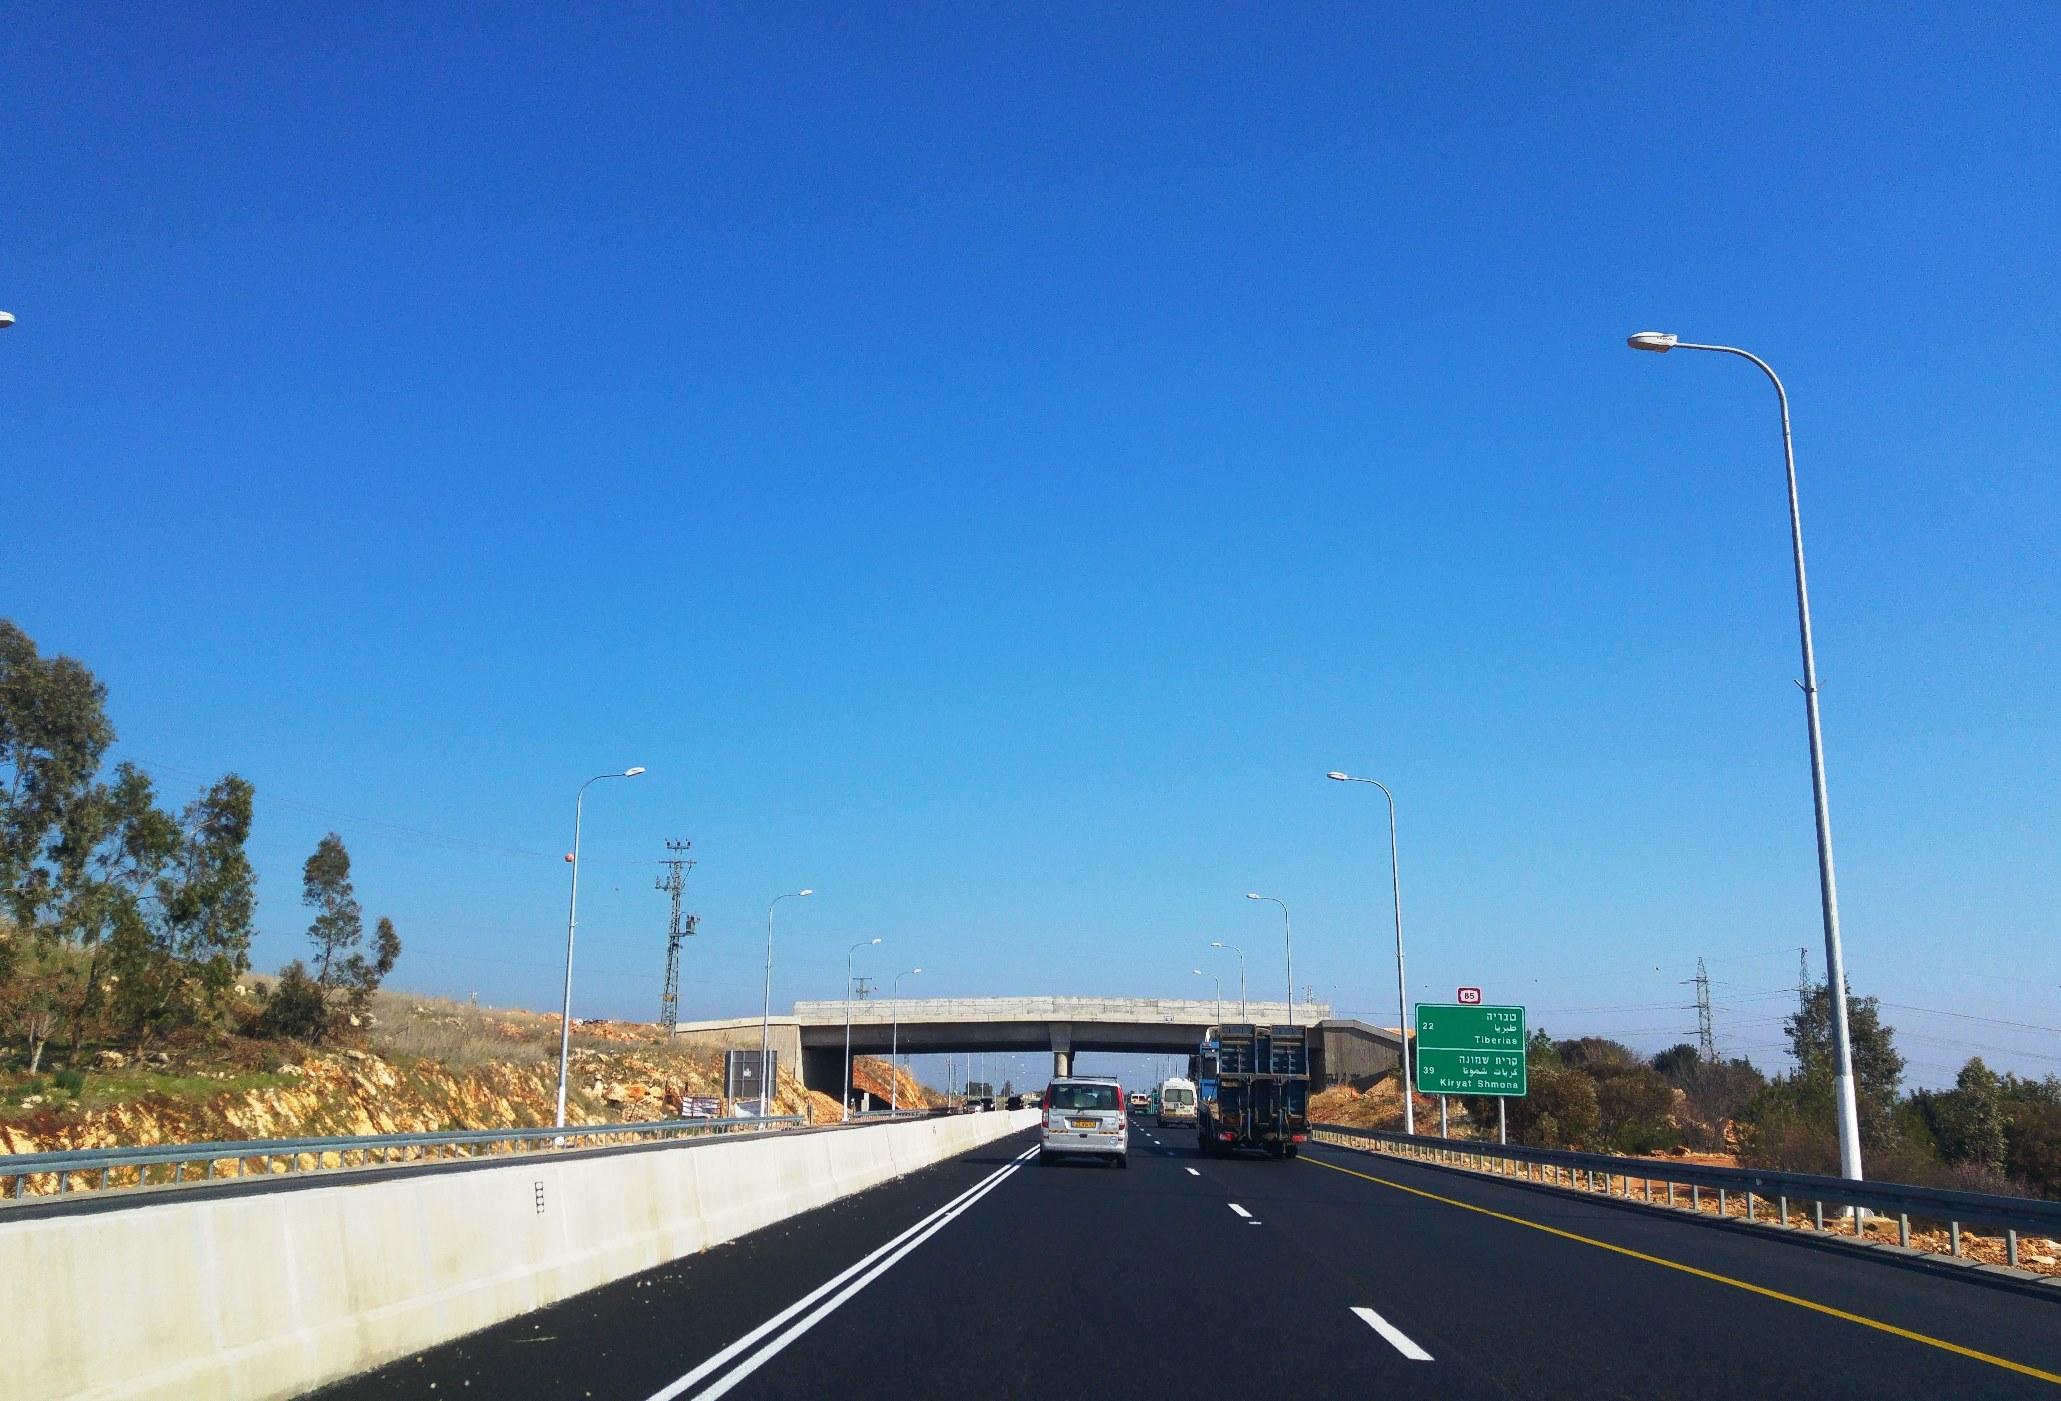 גשר אקולוגי- כביש 86 צילום חברת נתיבי ישראל